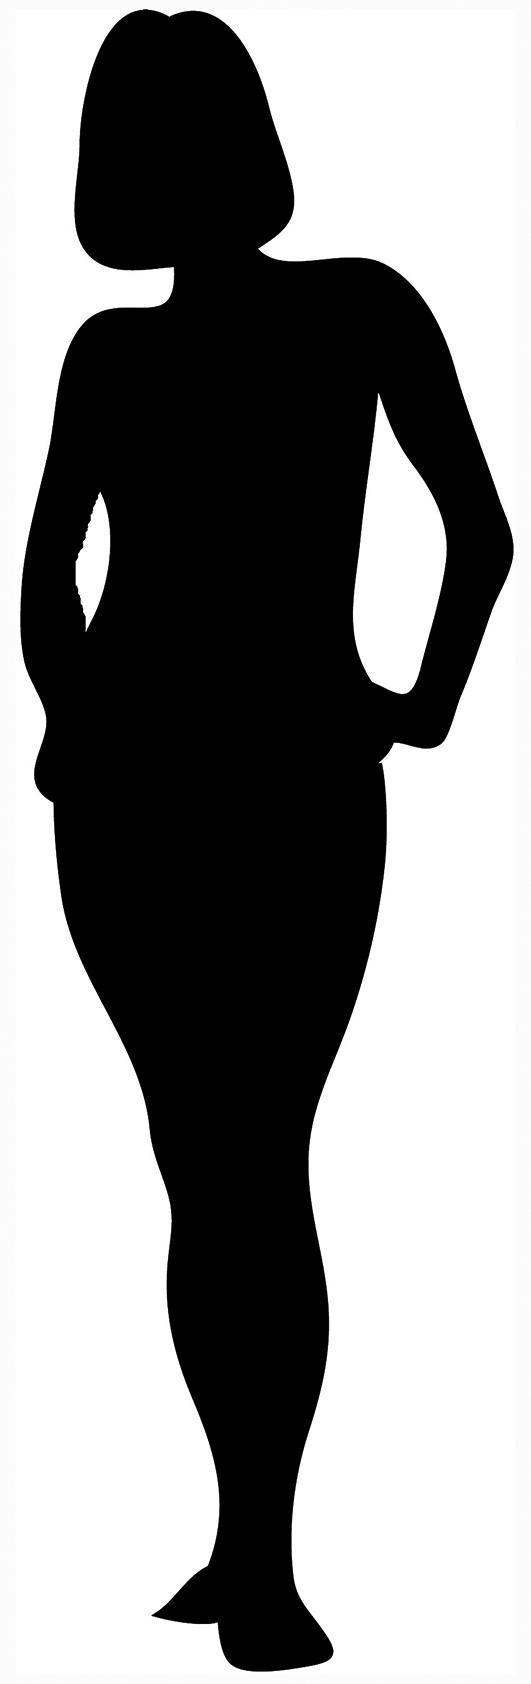 Human clipart female #13